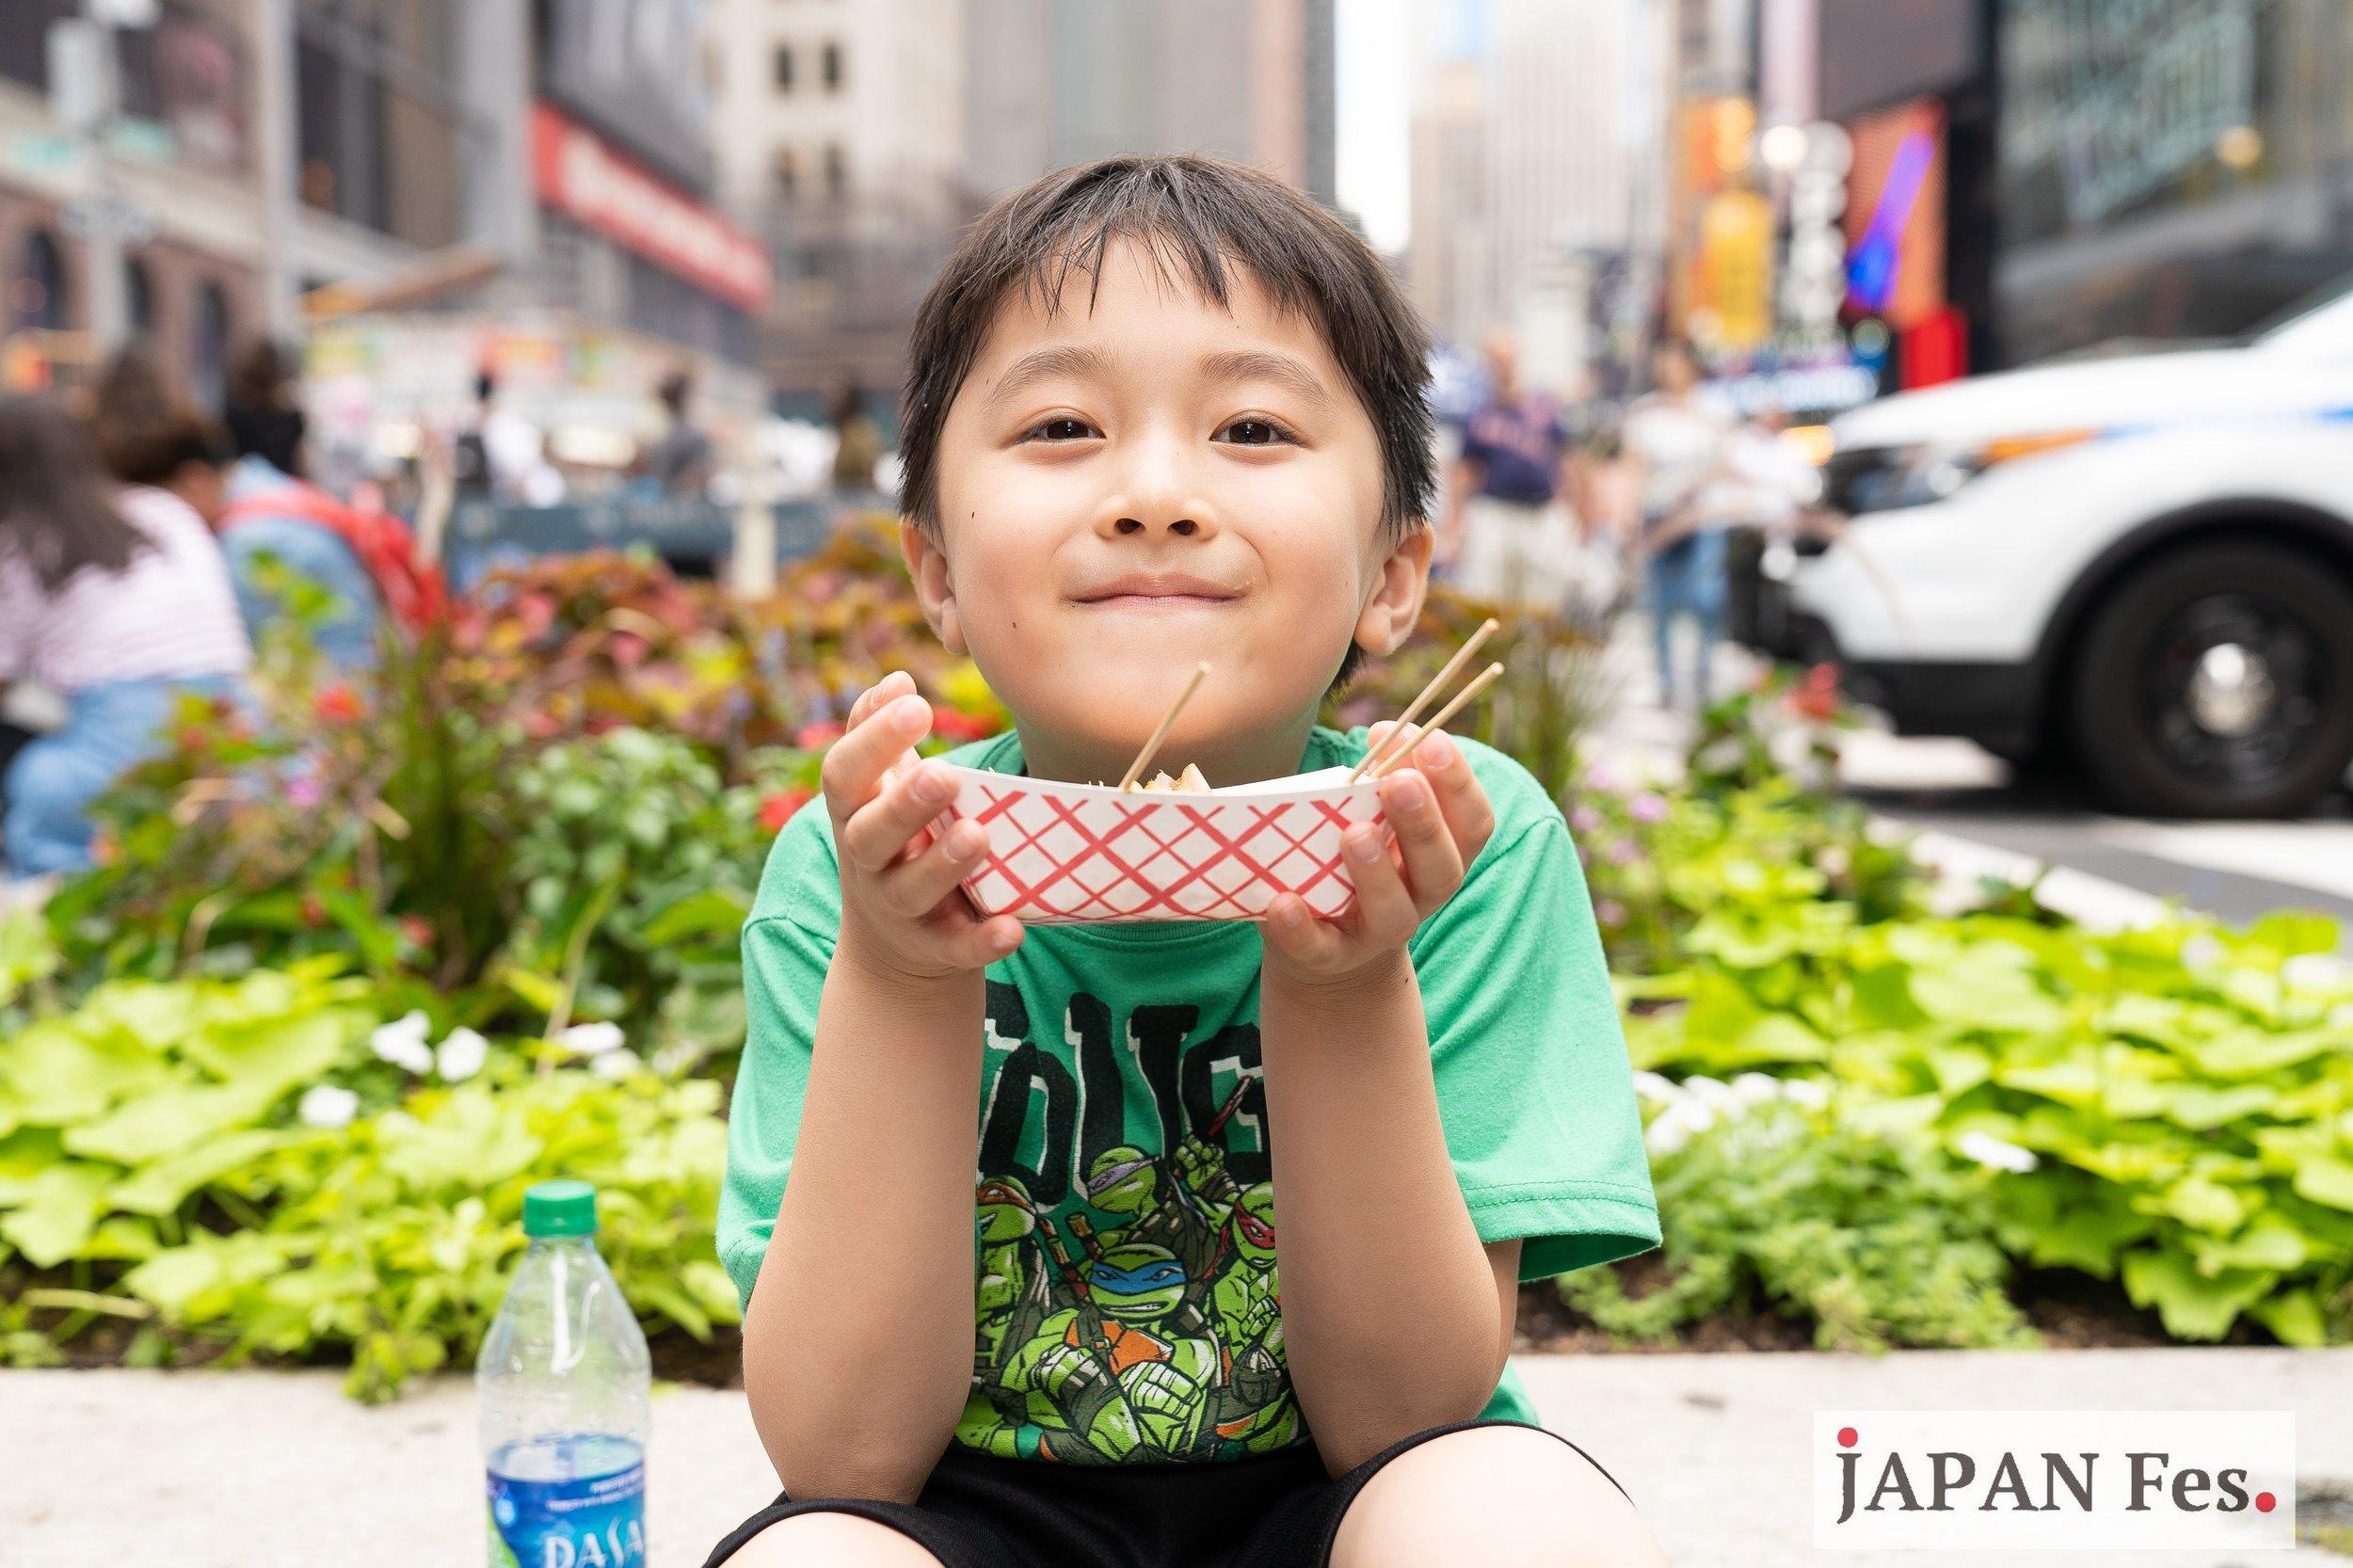 Japan_fes_Asia bites-104.jpg